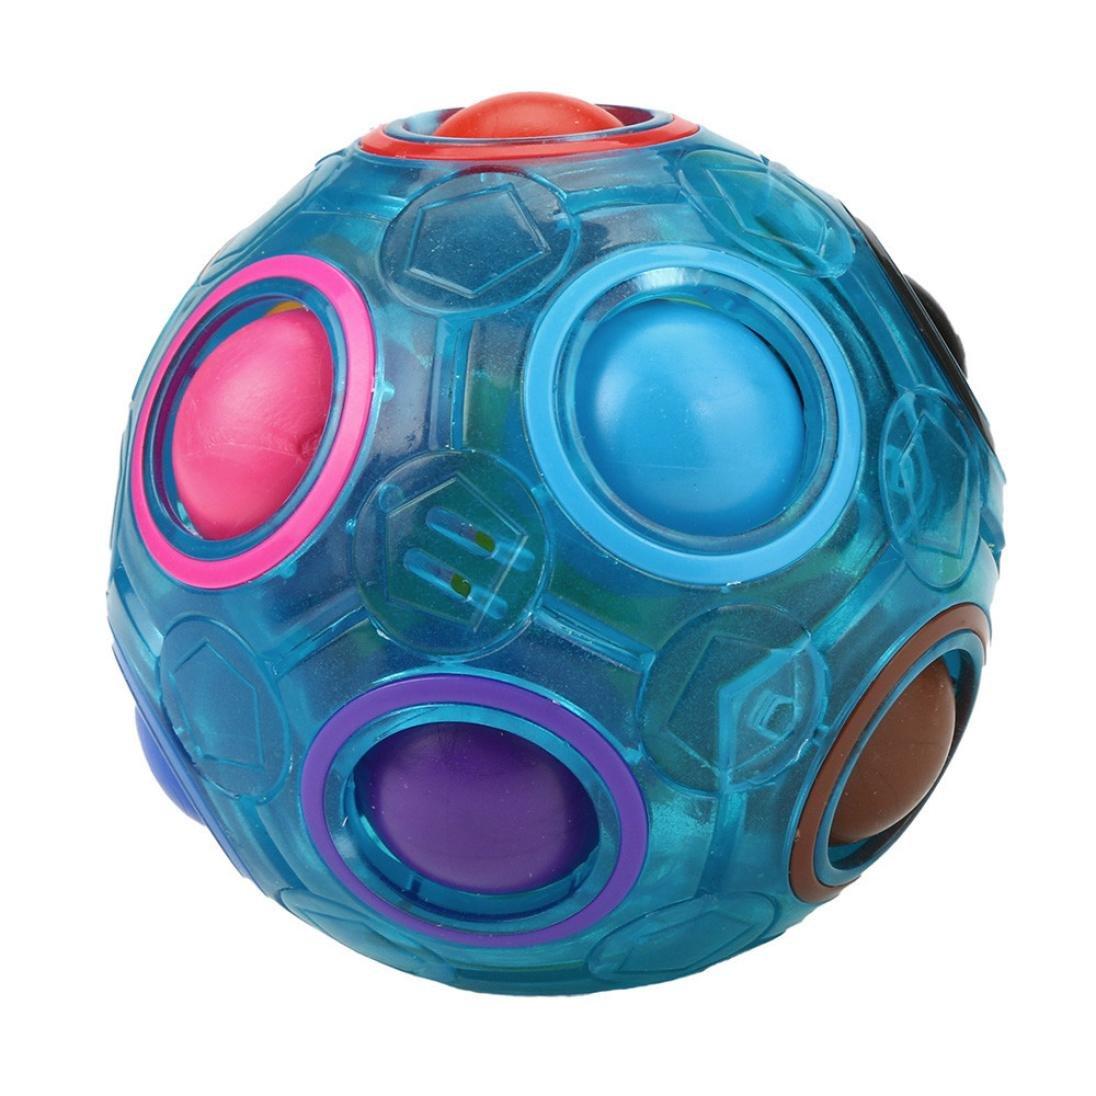 iusun光マジックレインボーボールFunキューブFidgetパズル応力Reliever教育おもちゃfor子供大人ギフト B075MHFCFN ブルー